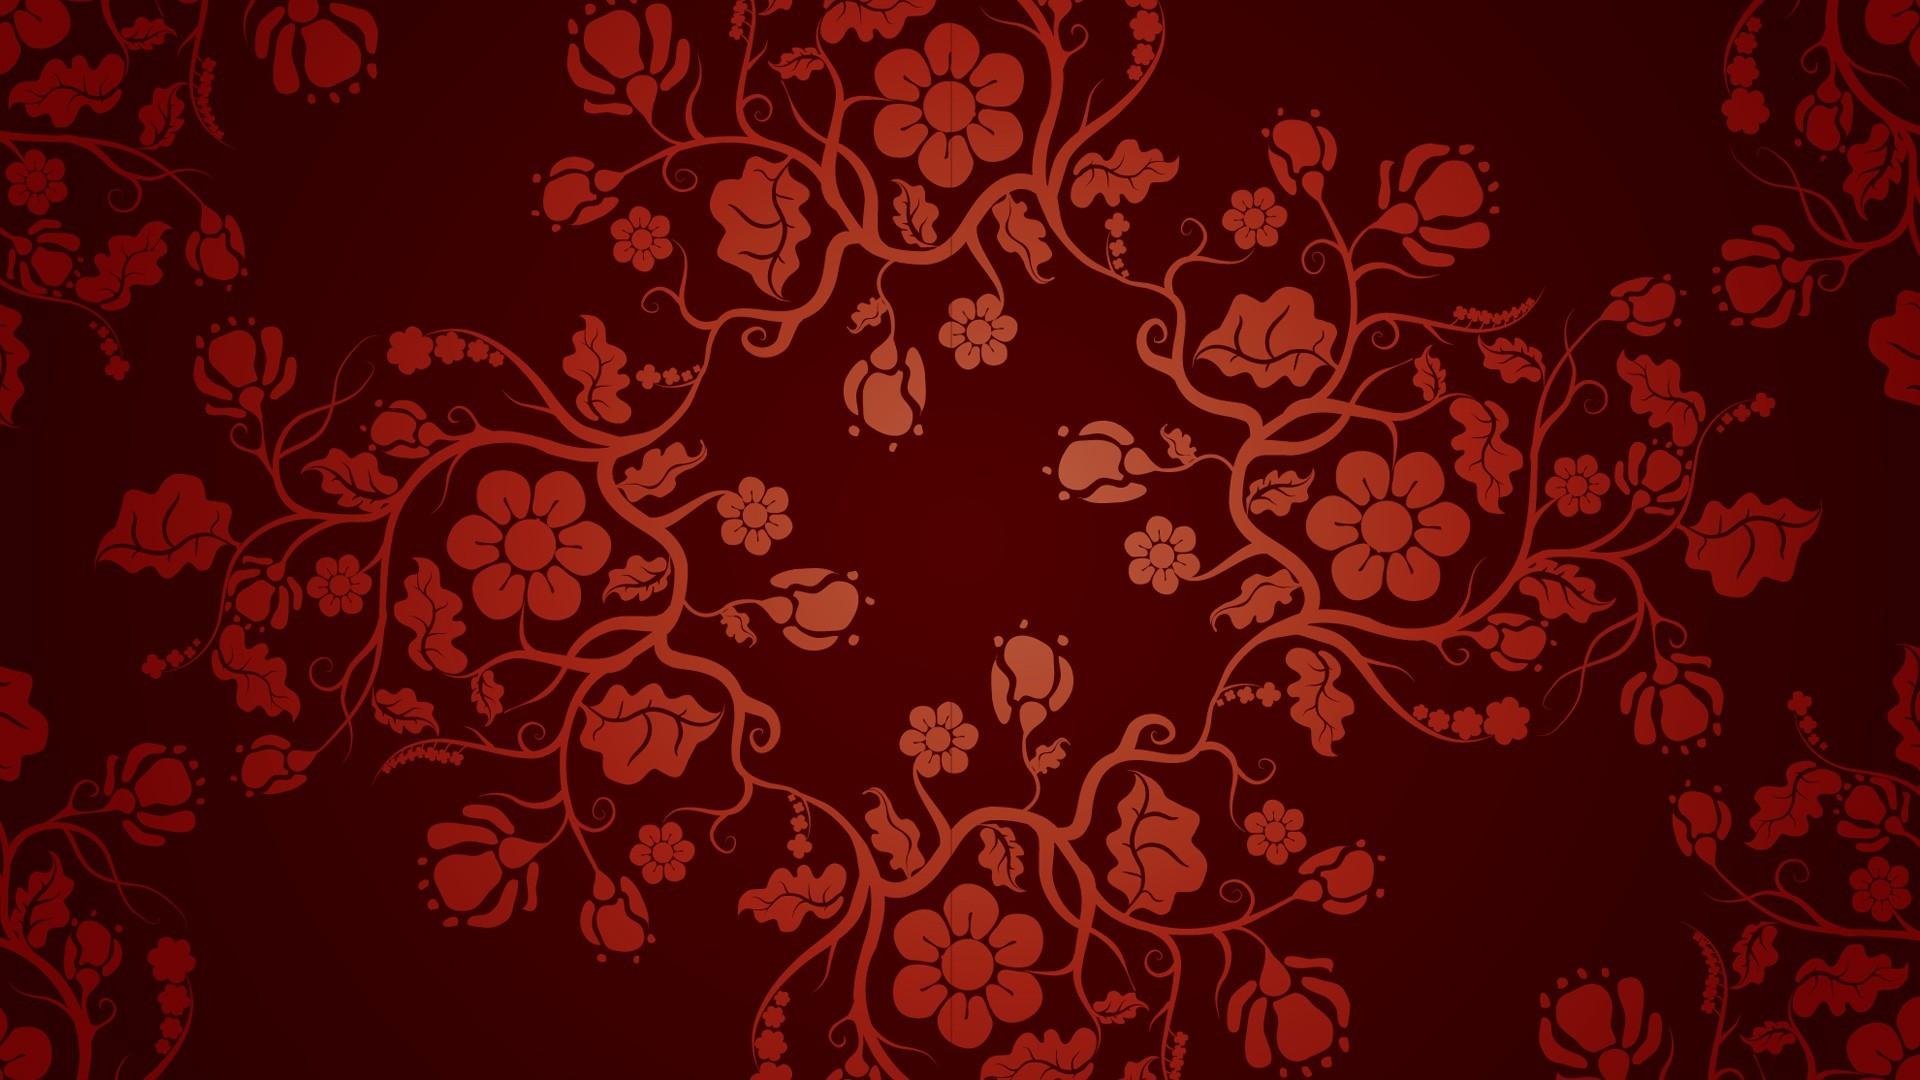 Res: 1920x1080, wallpaper